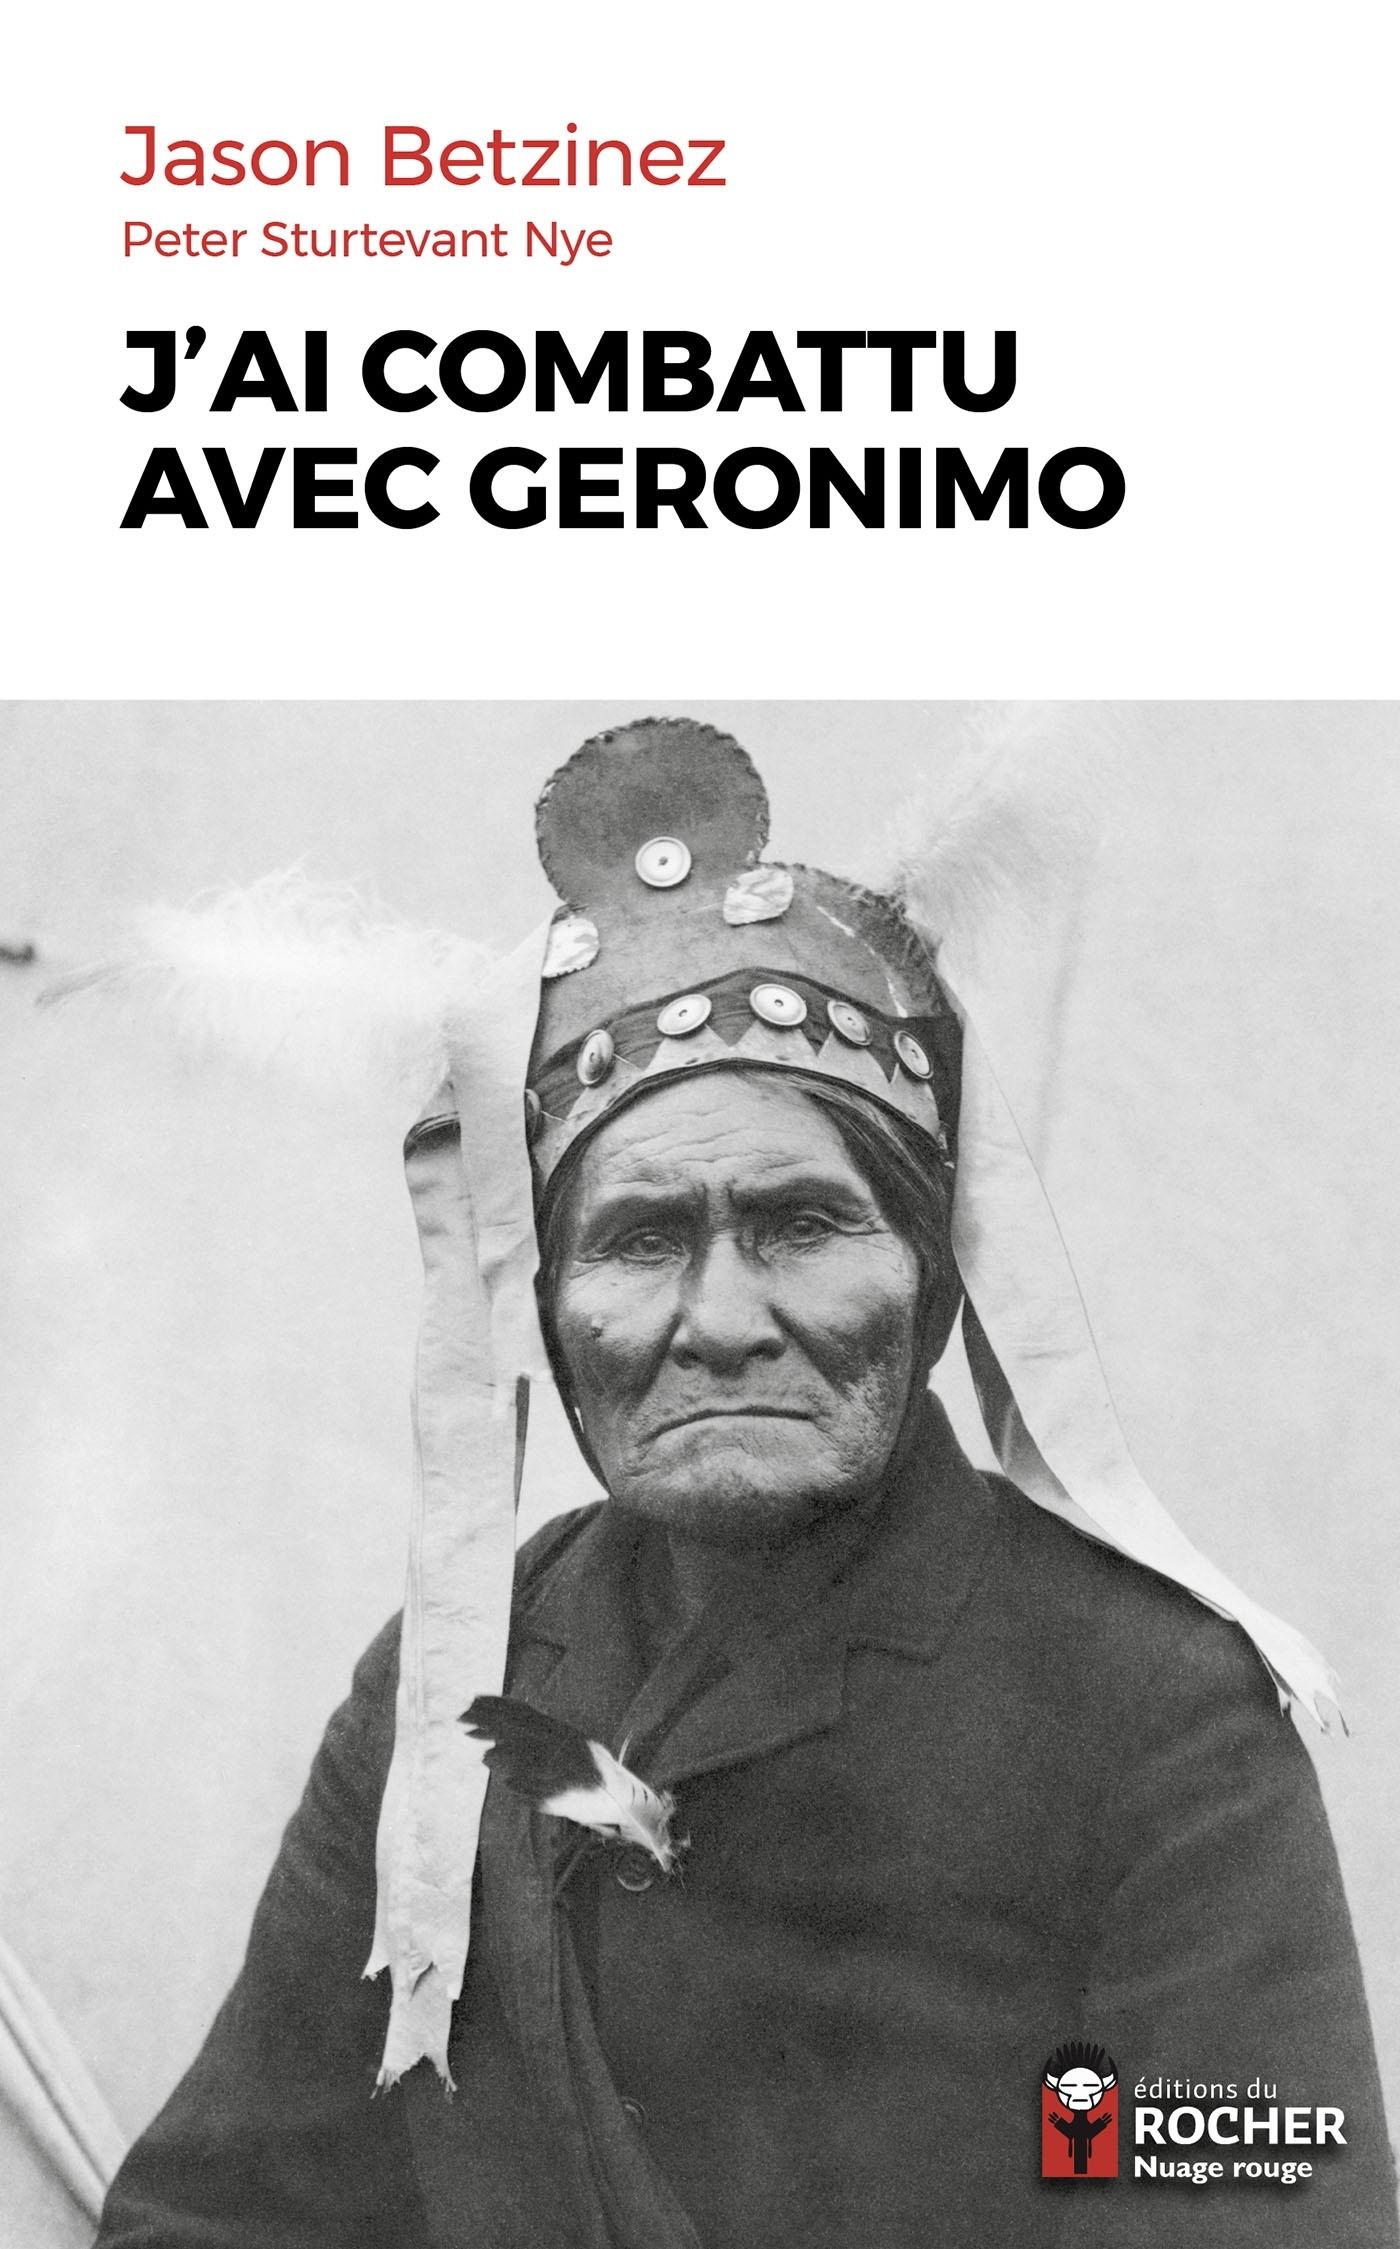 J'AI COMBATTU AVEC GERONIMO